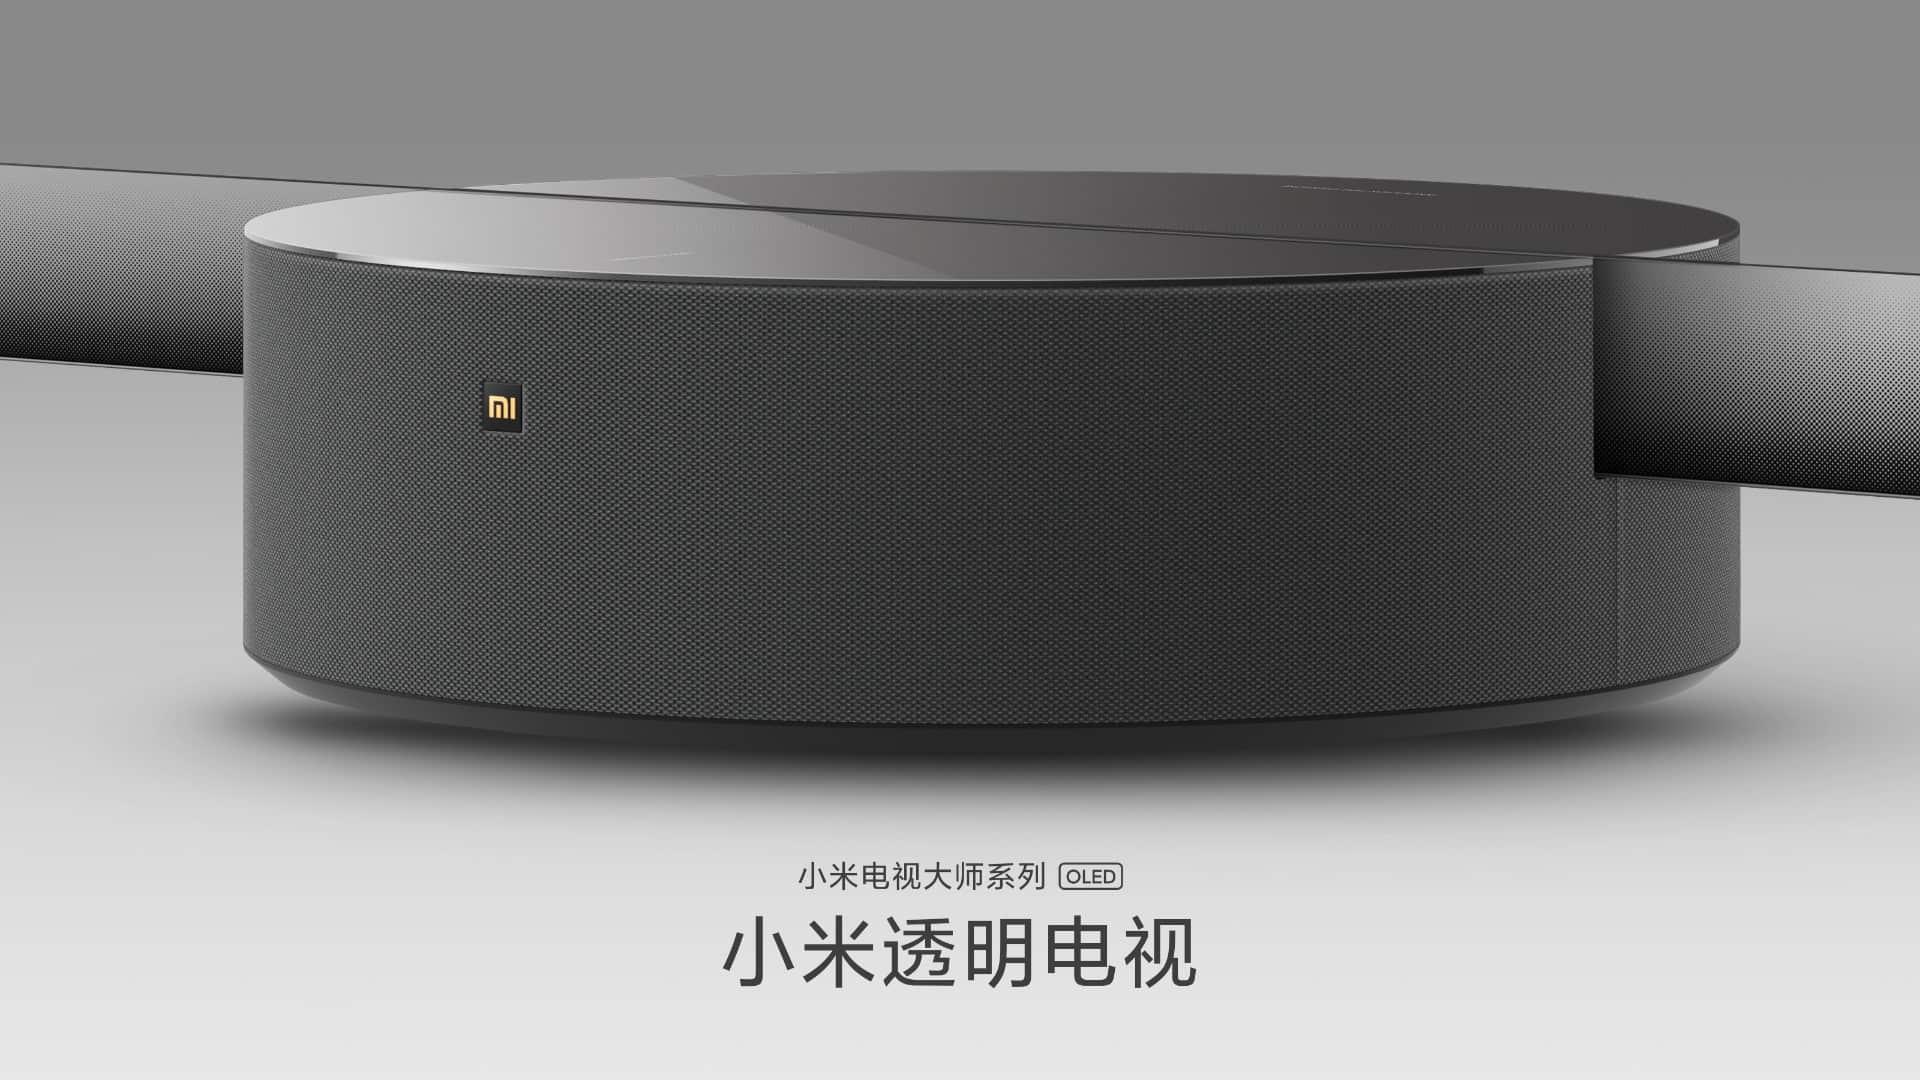 07 Mi TV LUX OLED Transparent Edition 026